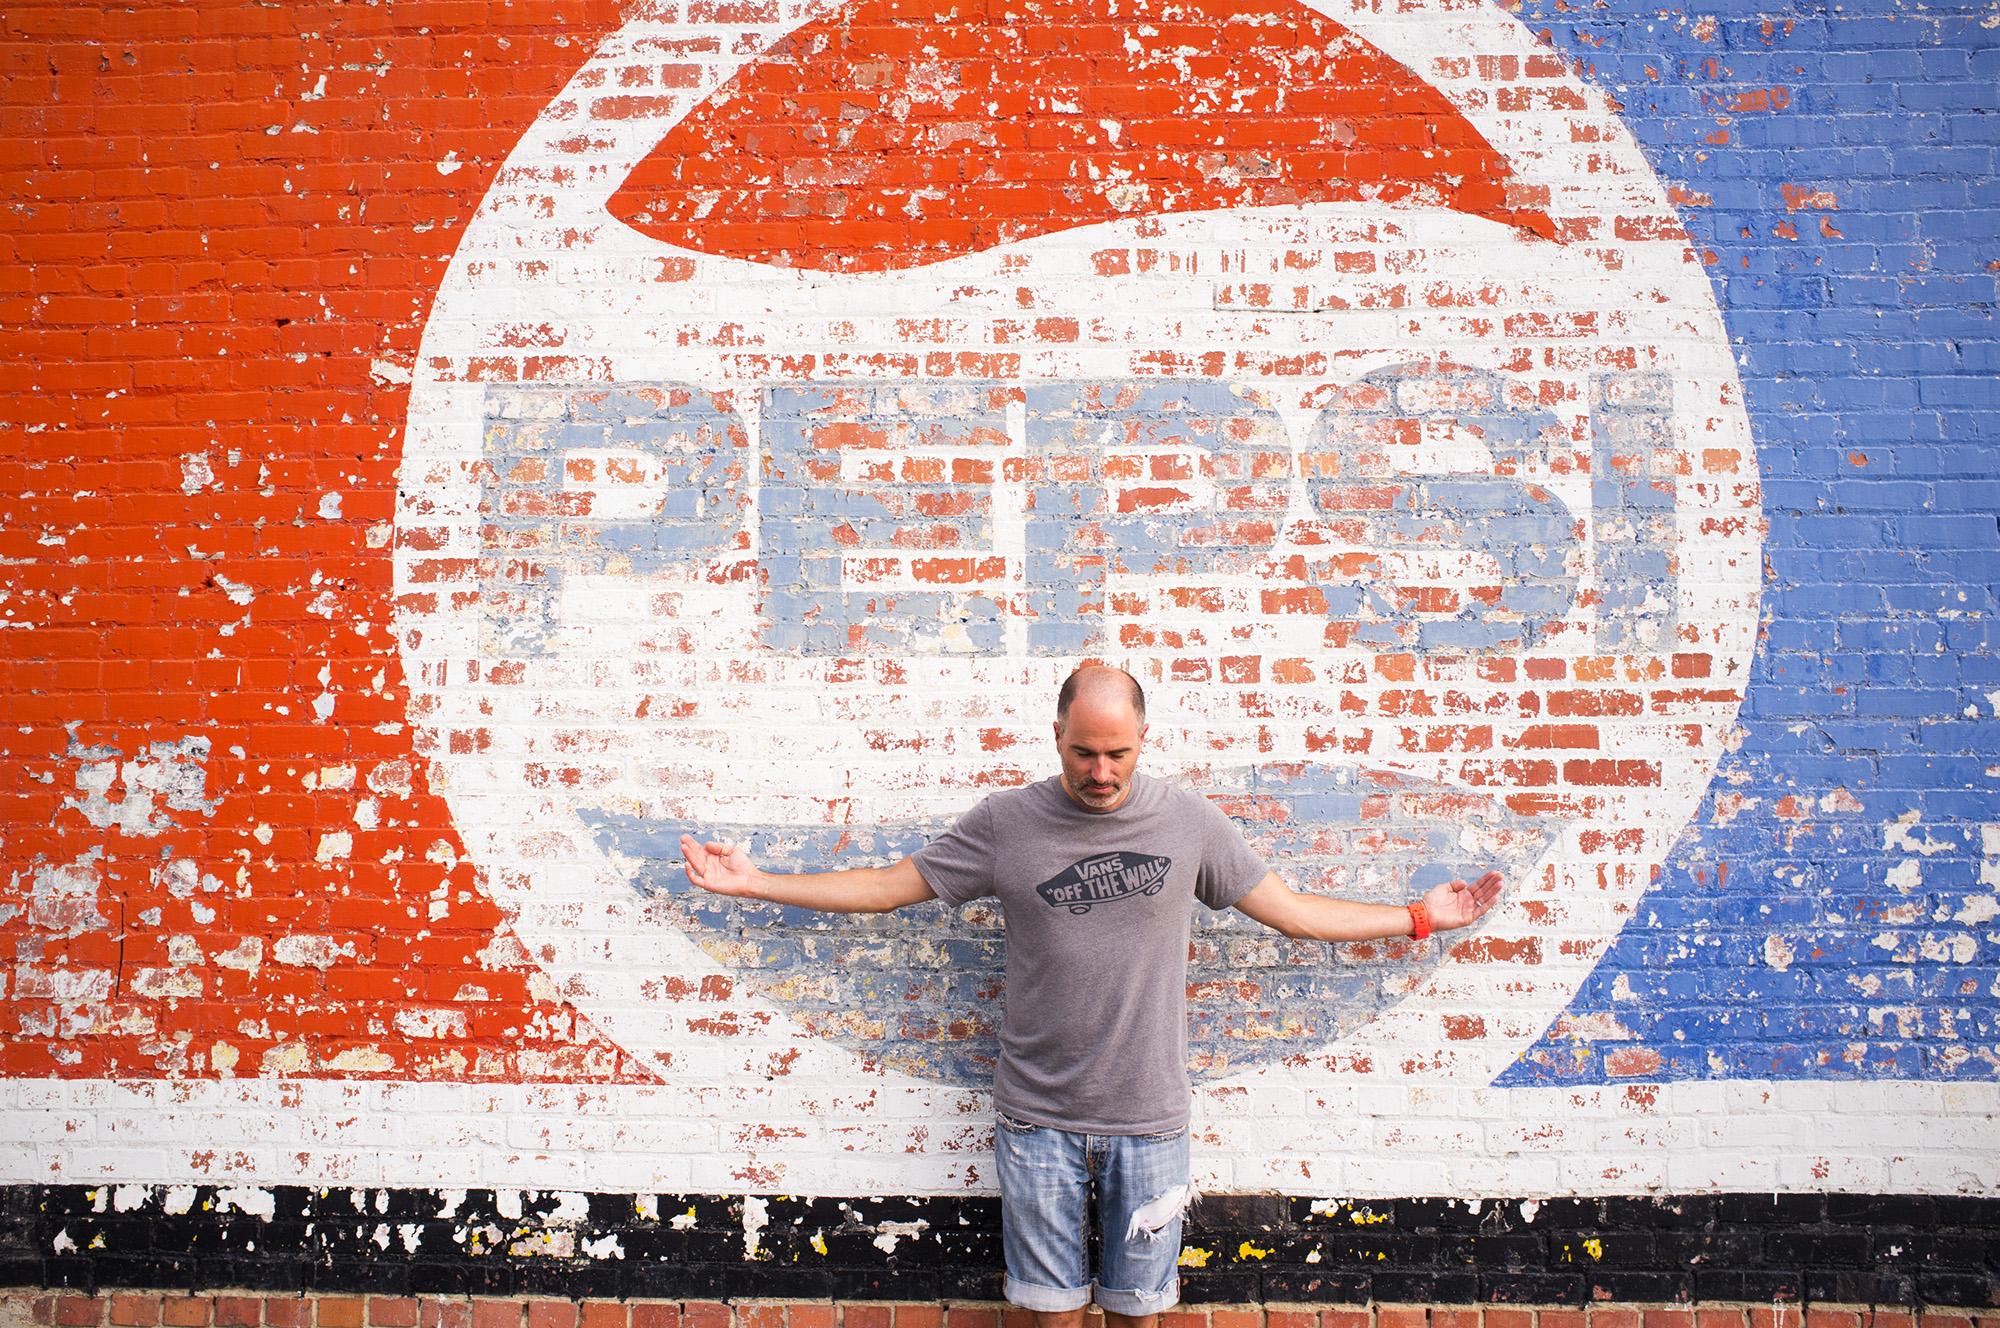 BTS_Pepsi_DSF4286.jpg